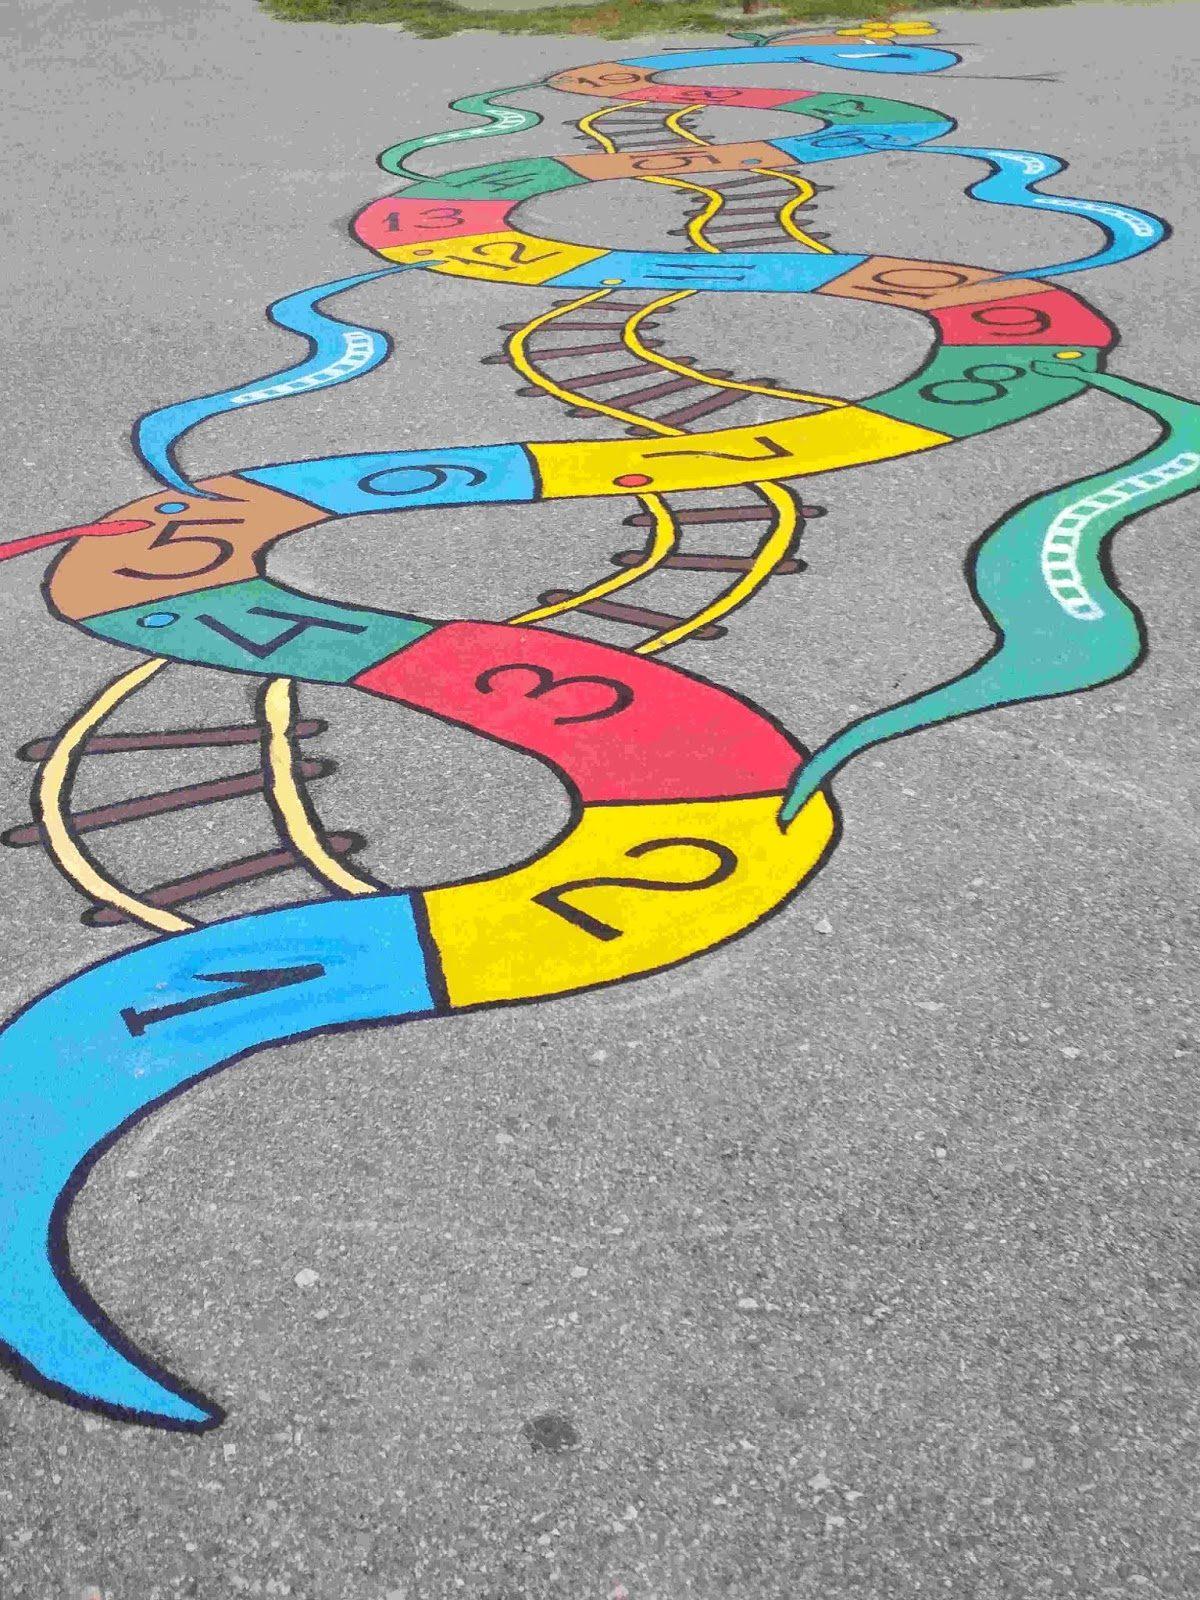 Το προαύλιο αυτού του σχολείου υποδέχεται τους μαθητές με χρώμα και πολλά παιχνίδια